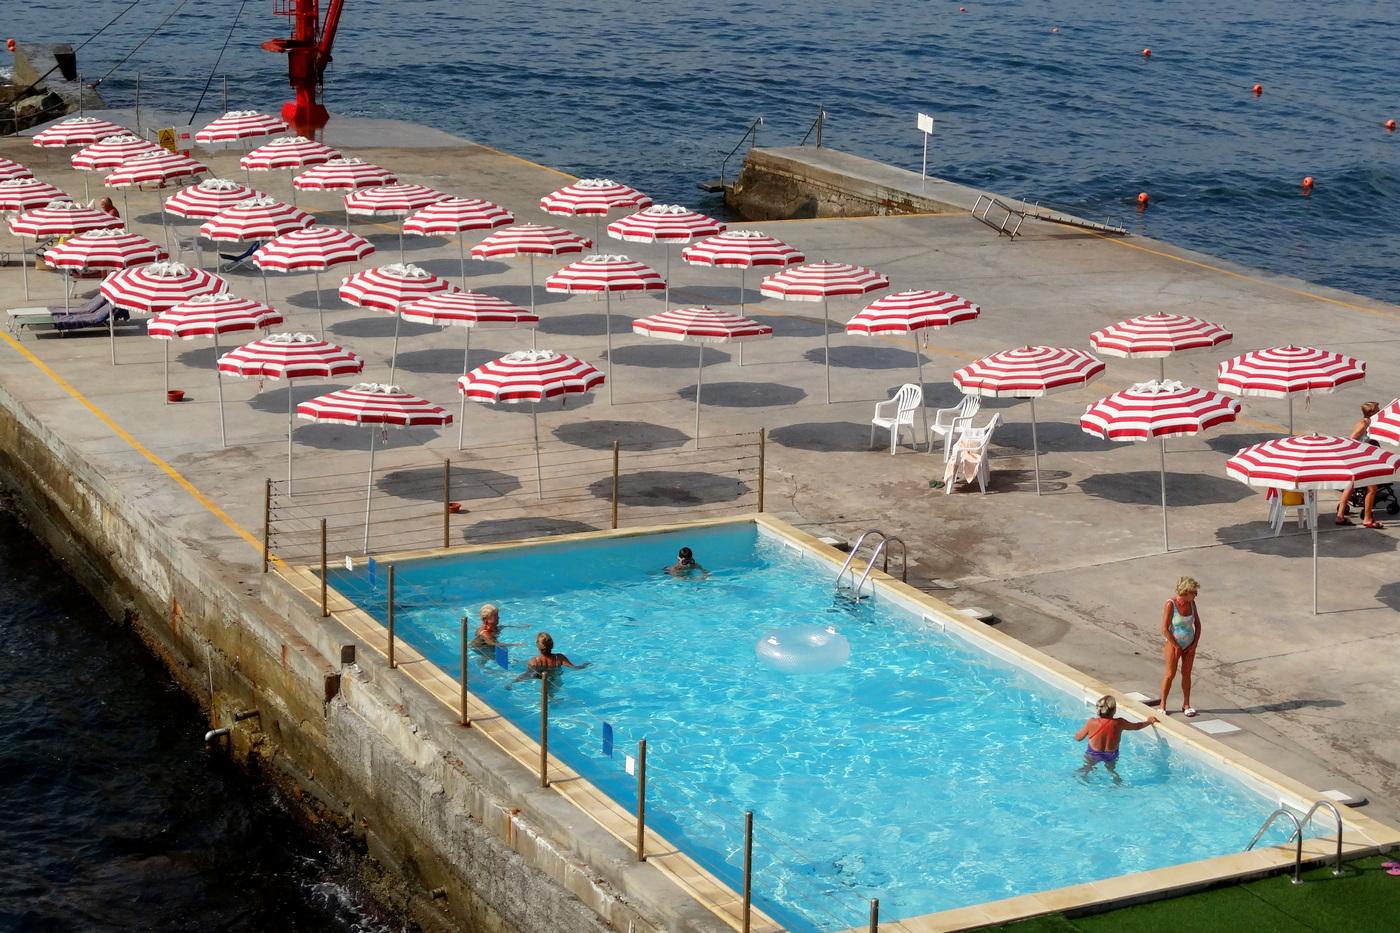 Spiaggia di cemento, Genova